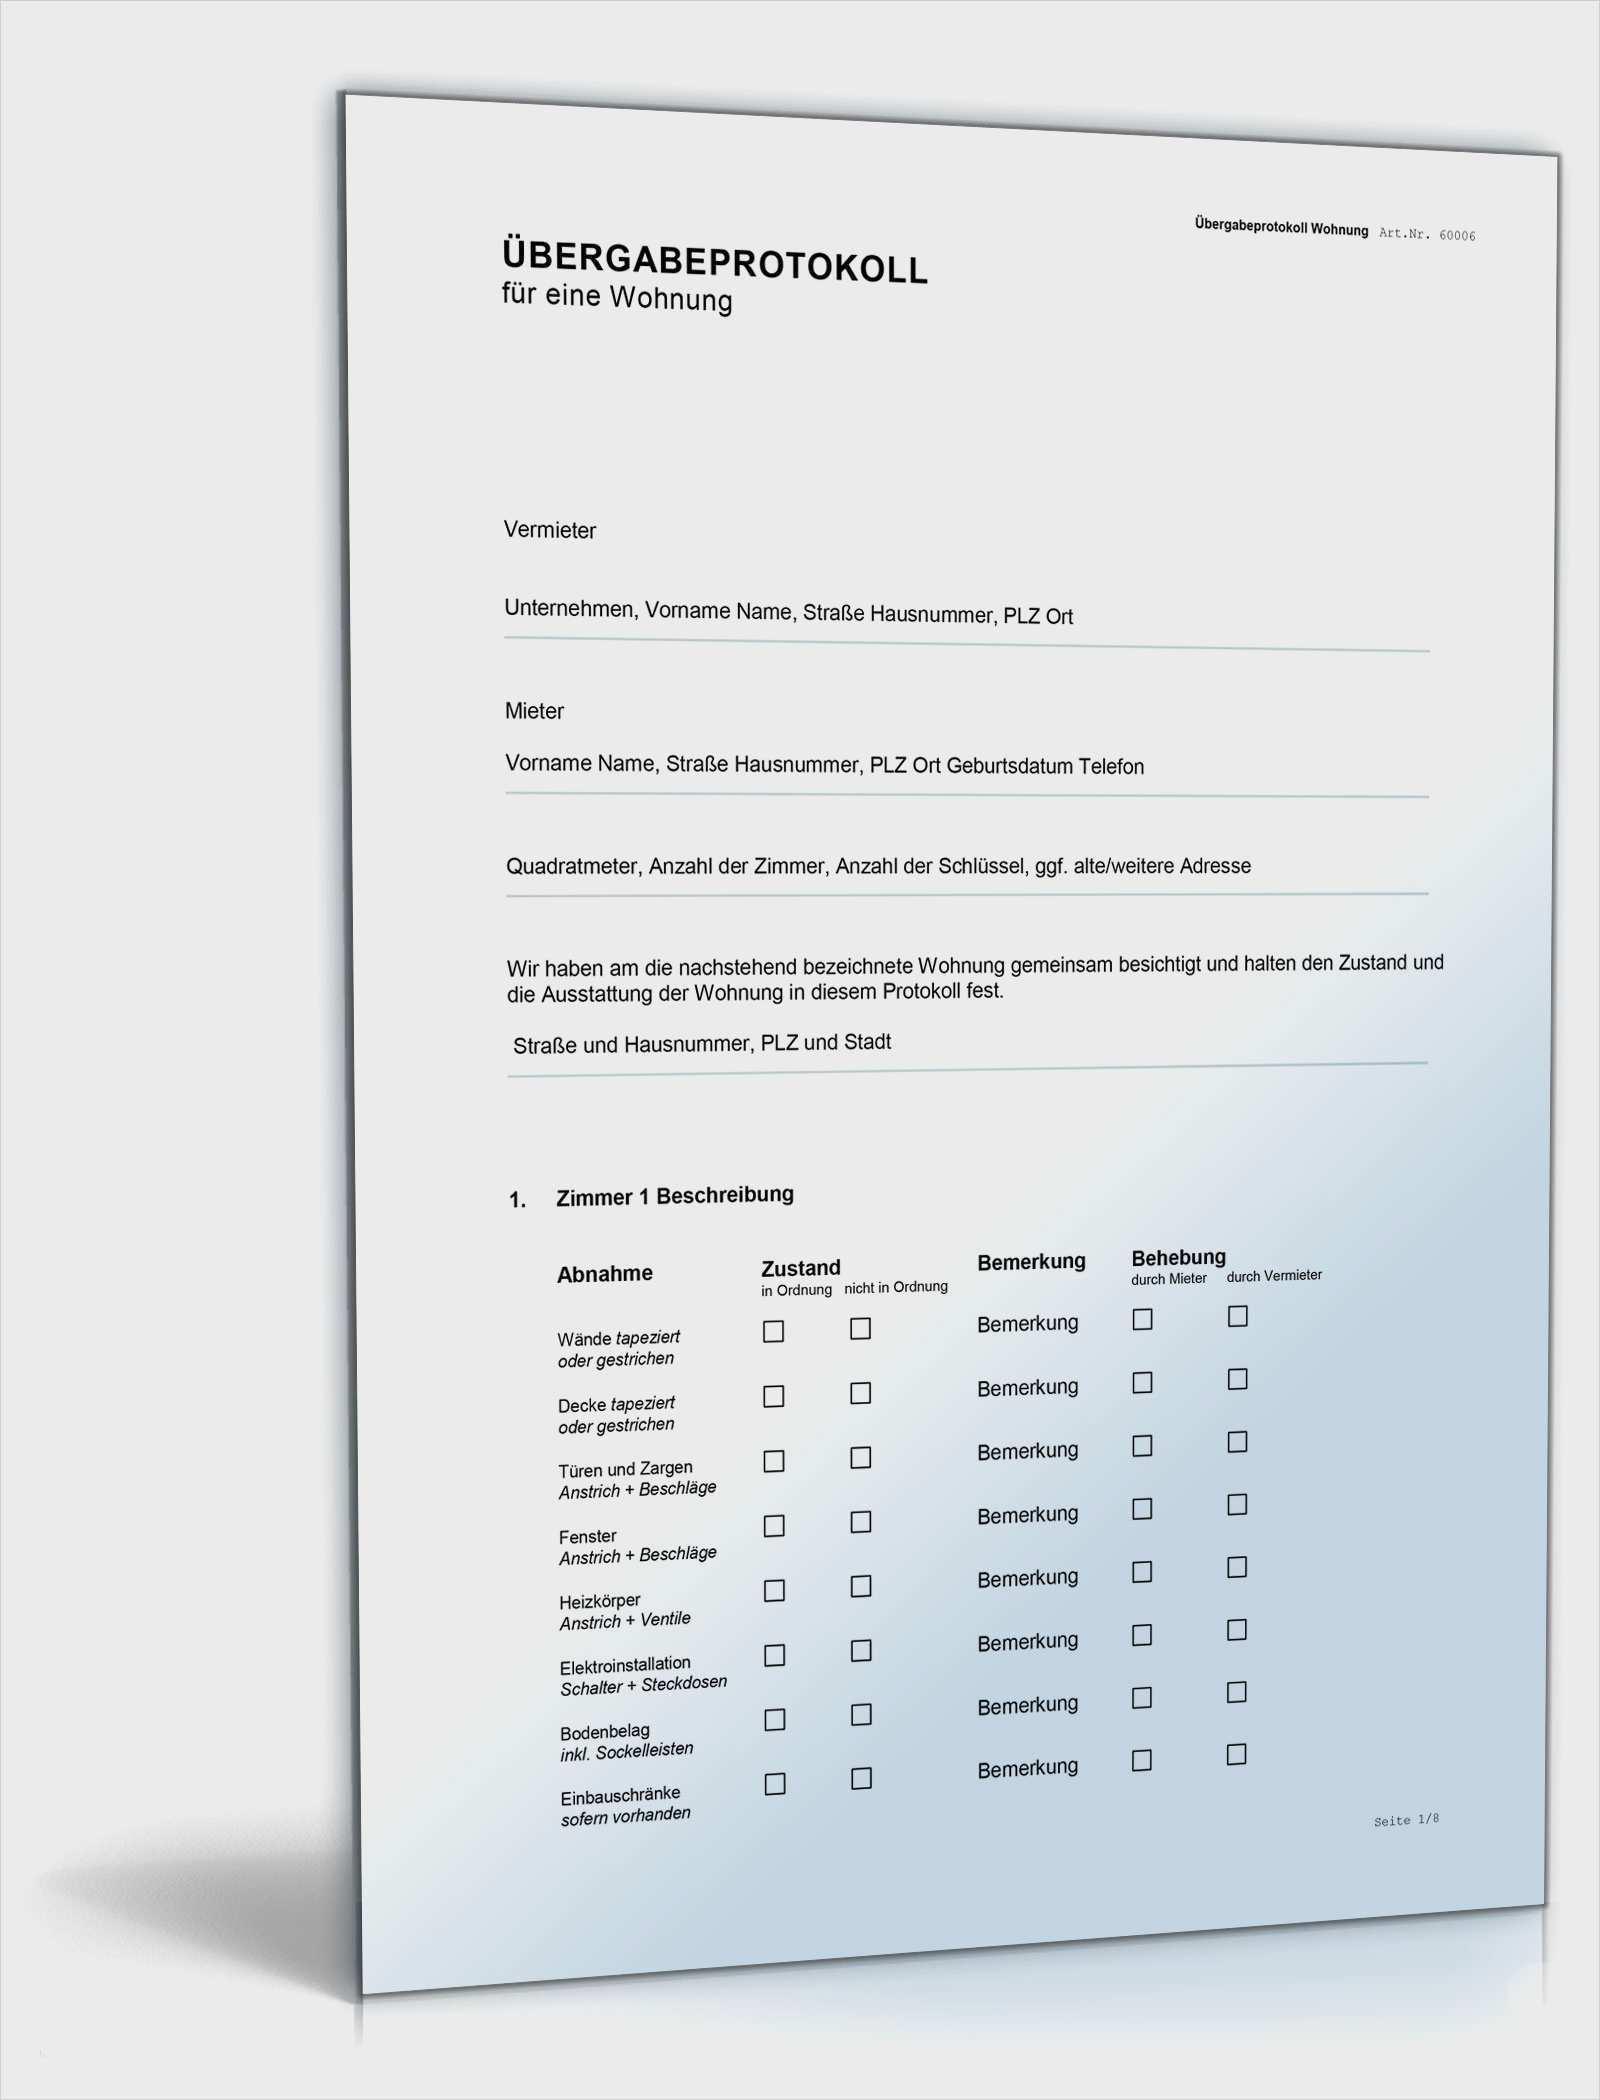 Ubergabeprotokoll Arbeitskleidung Vorlage 25 Einzigartig Ebendiese Konnen Anpassen In Ms Word Lebenslauf Layout Anschreiben Vorlage Vorlagen